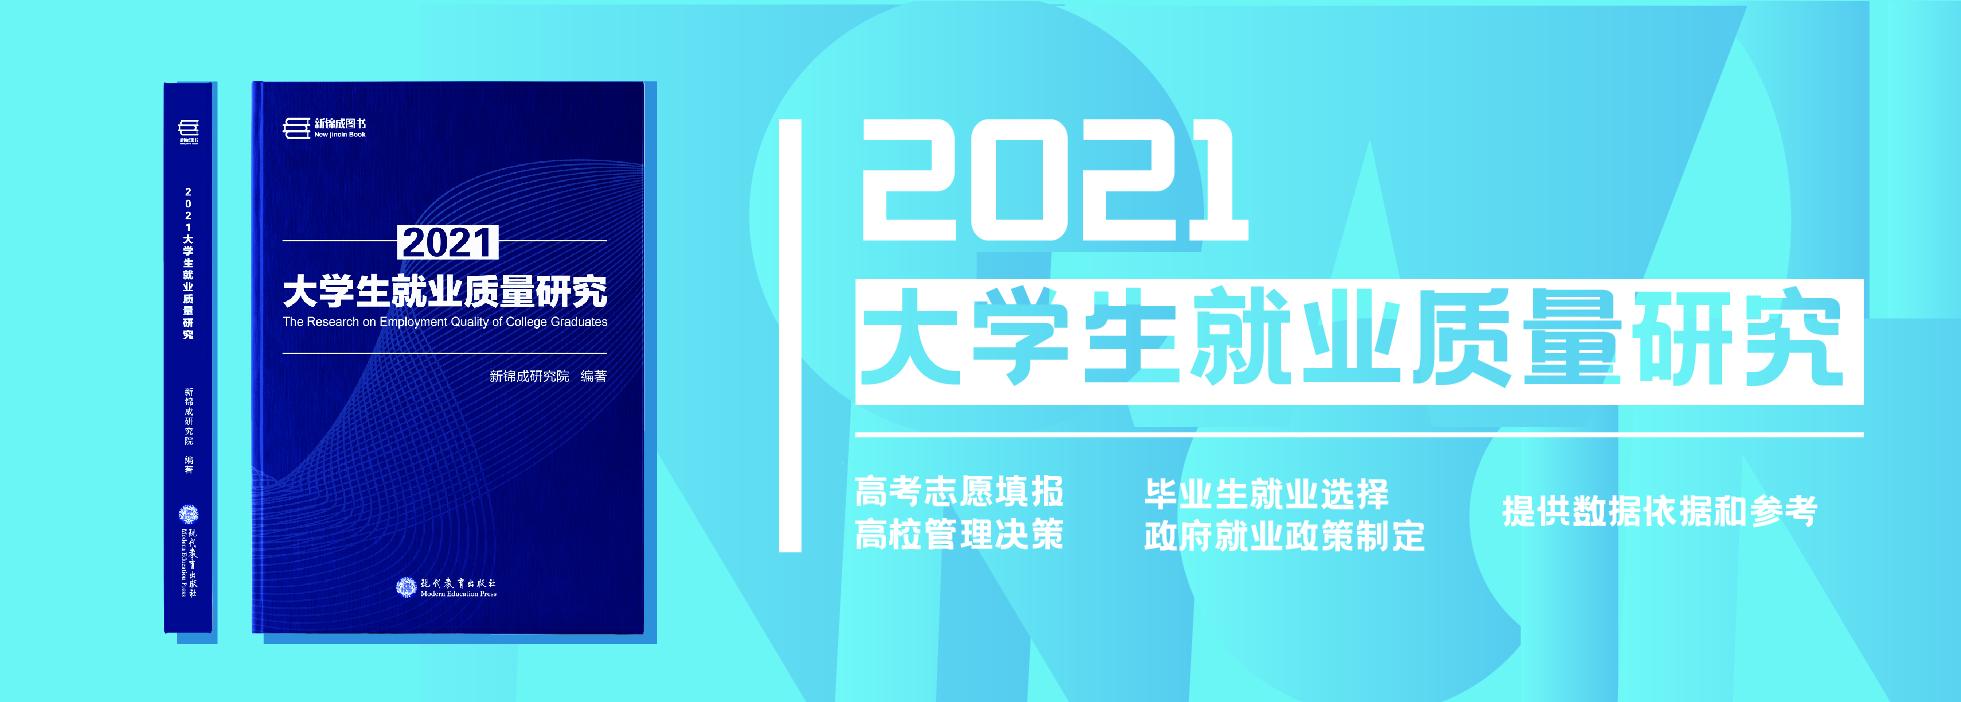 2021就业质量研究